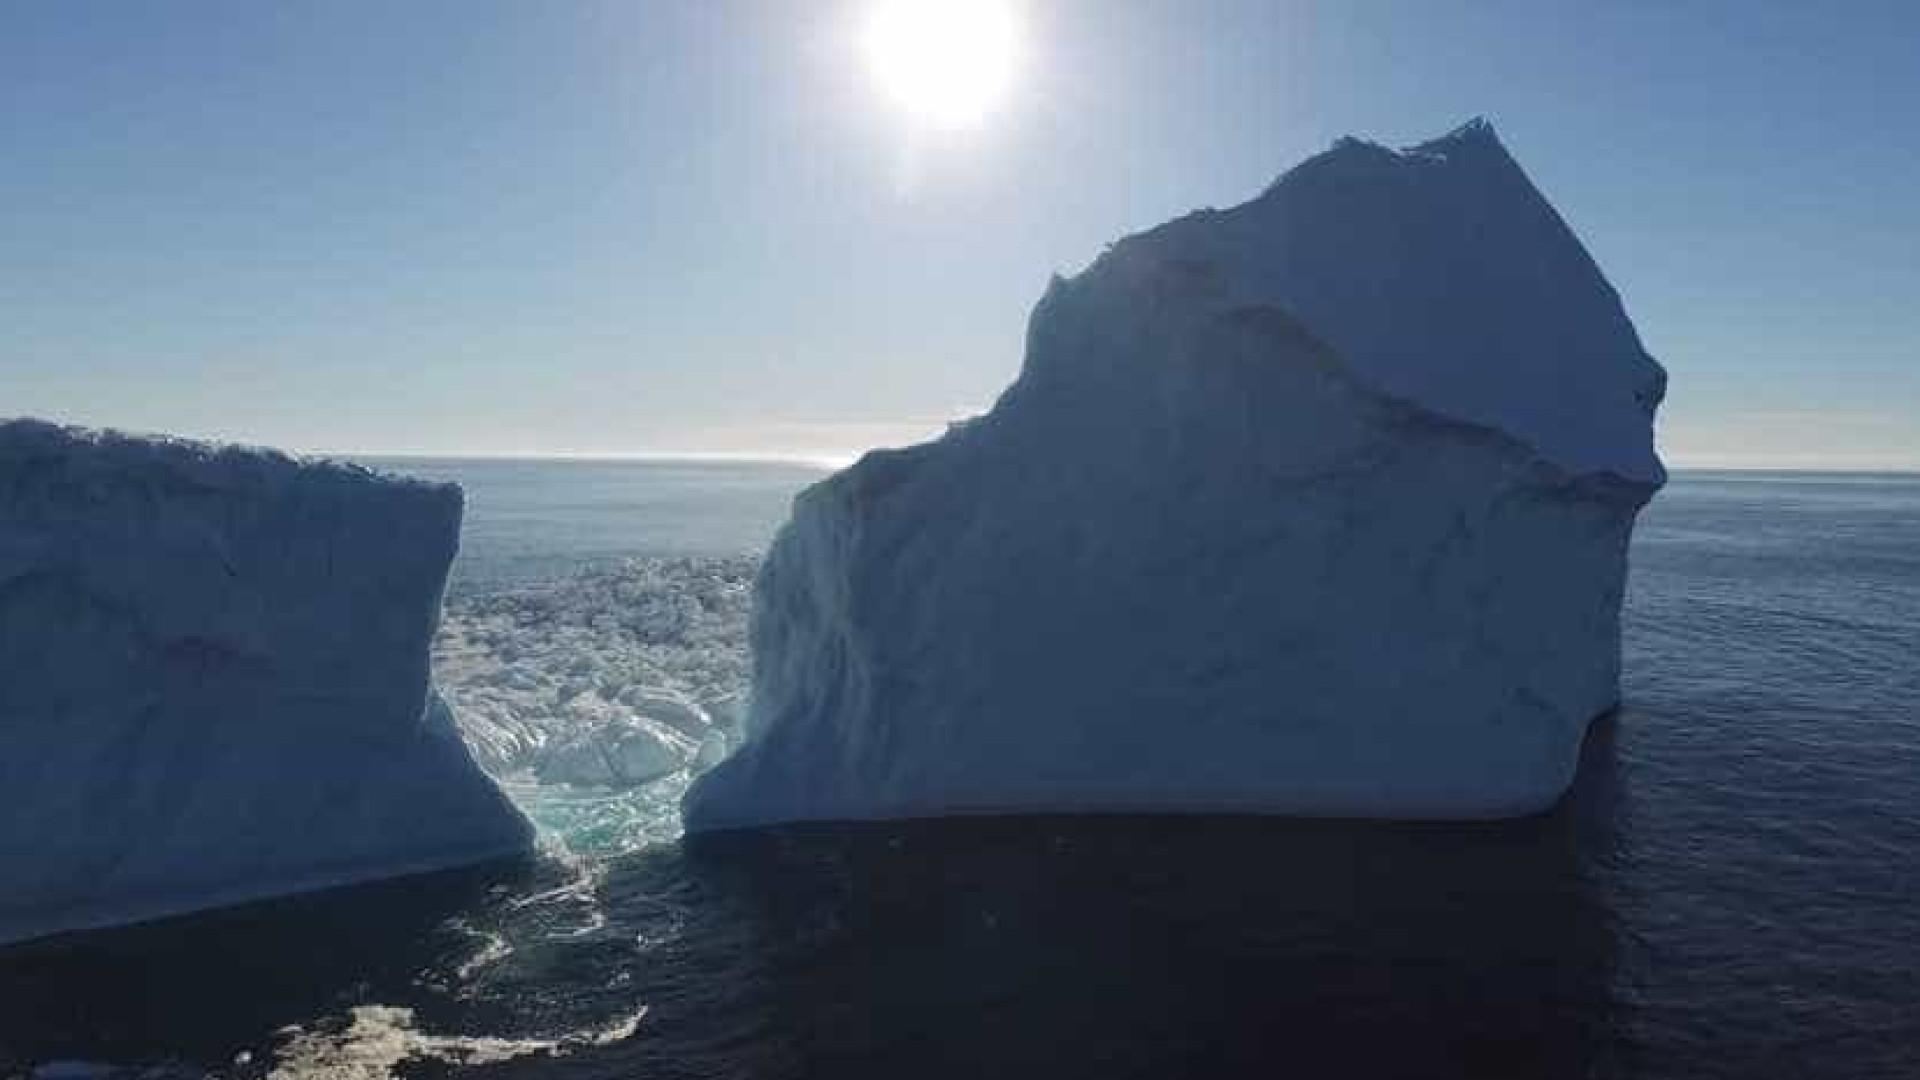 Iceberg chega à costa de cidade no Canadá e impressiona turistas